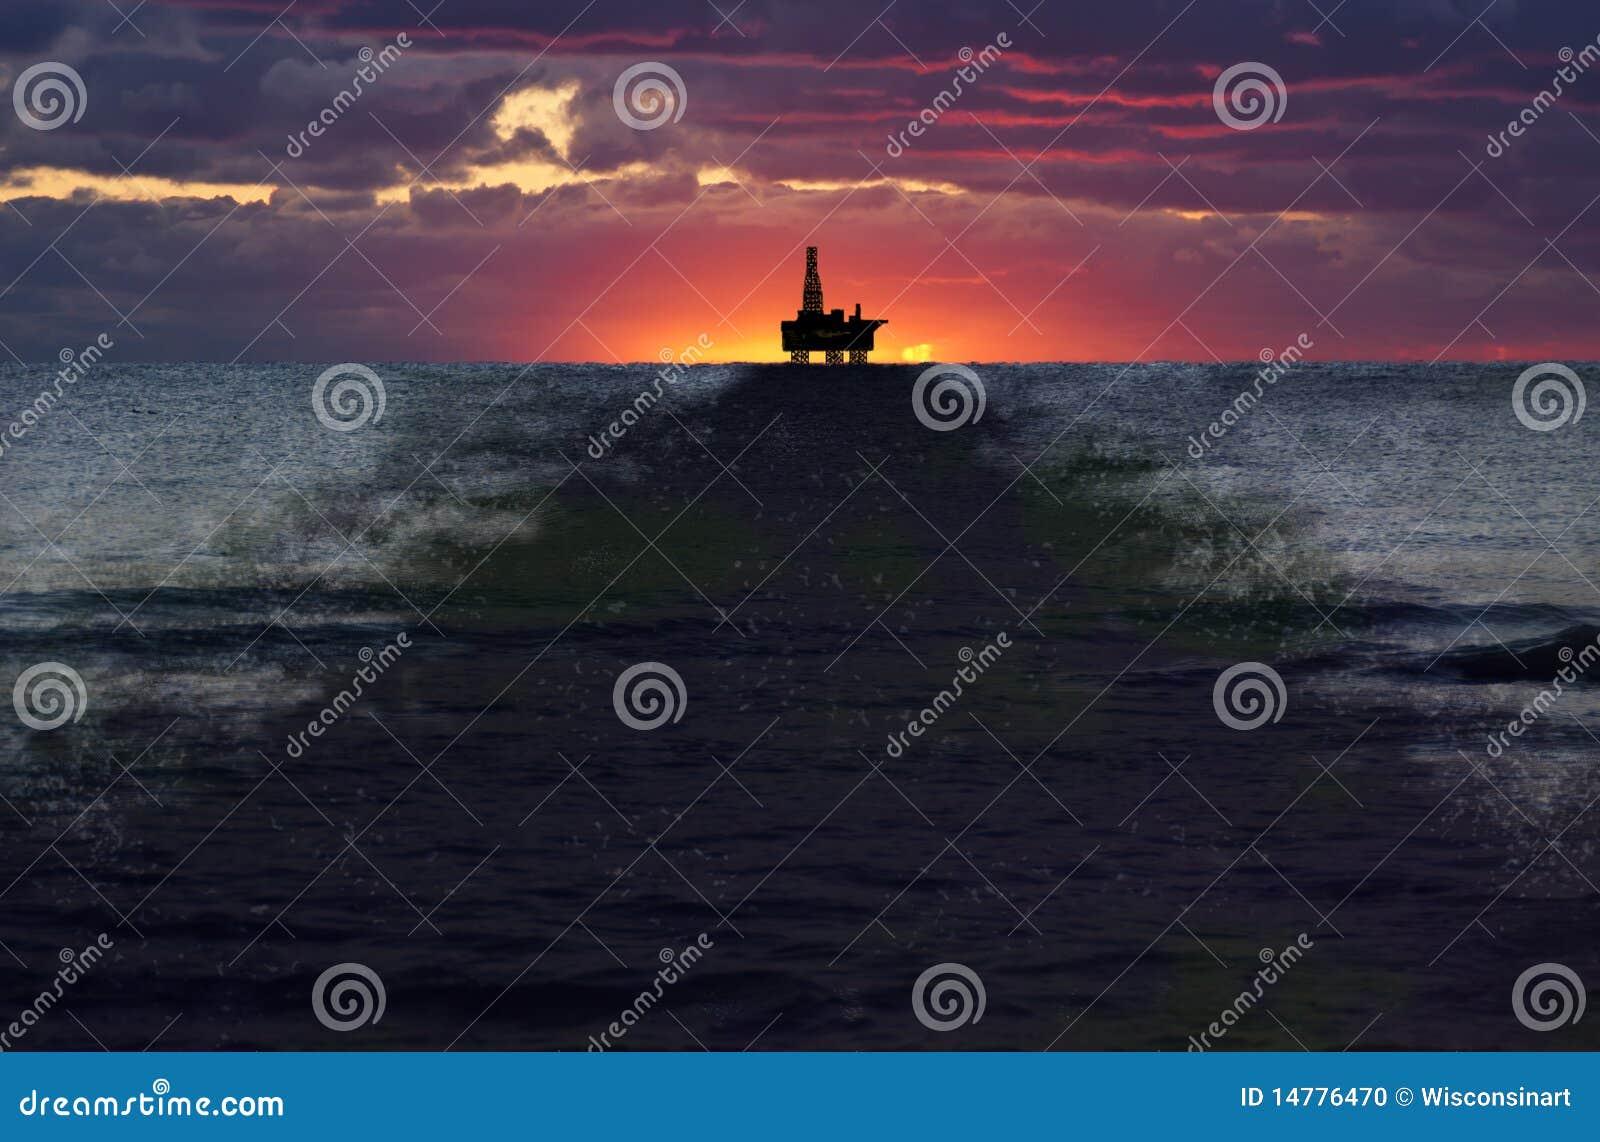 Caduta di olio del pozzo di perforazione in mare aperto, destra, inquinamento